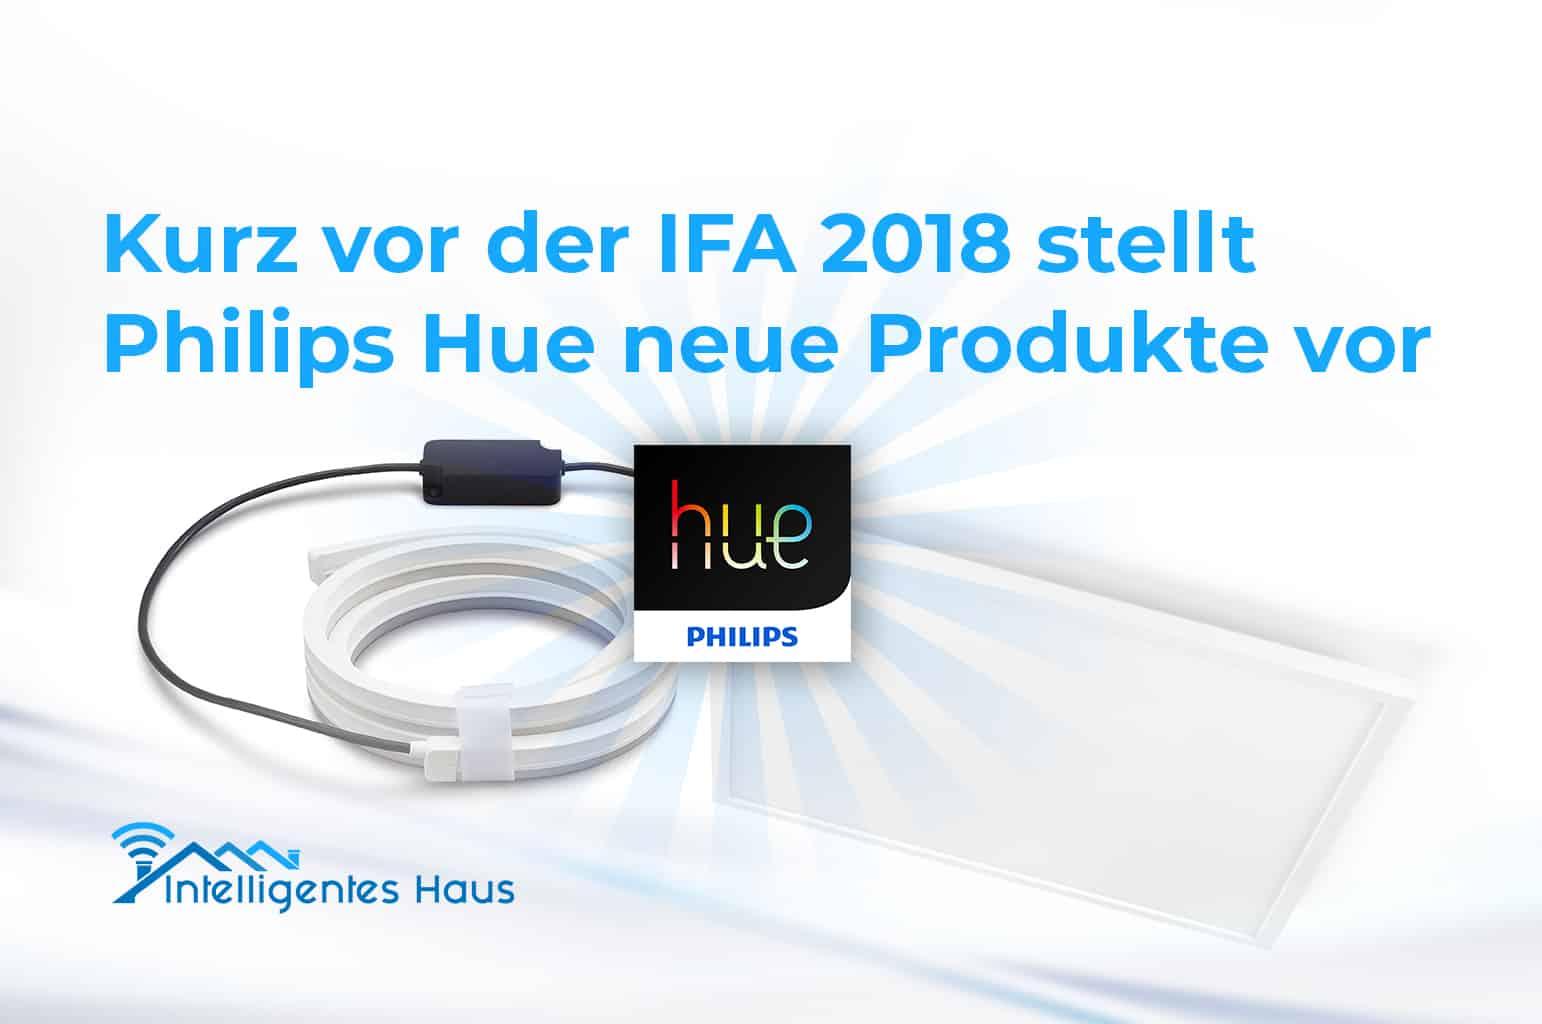 philips hue hat kurz vor der ifa 2018 einige neue produkte vorgestellt. Black Bedroom Furniture Sets. Home Design Ideas